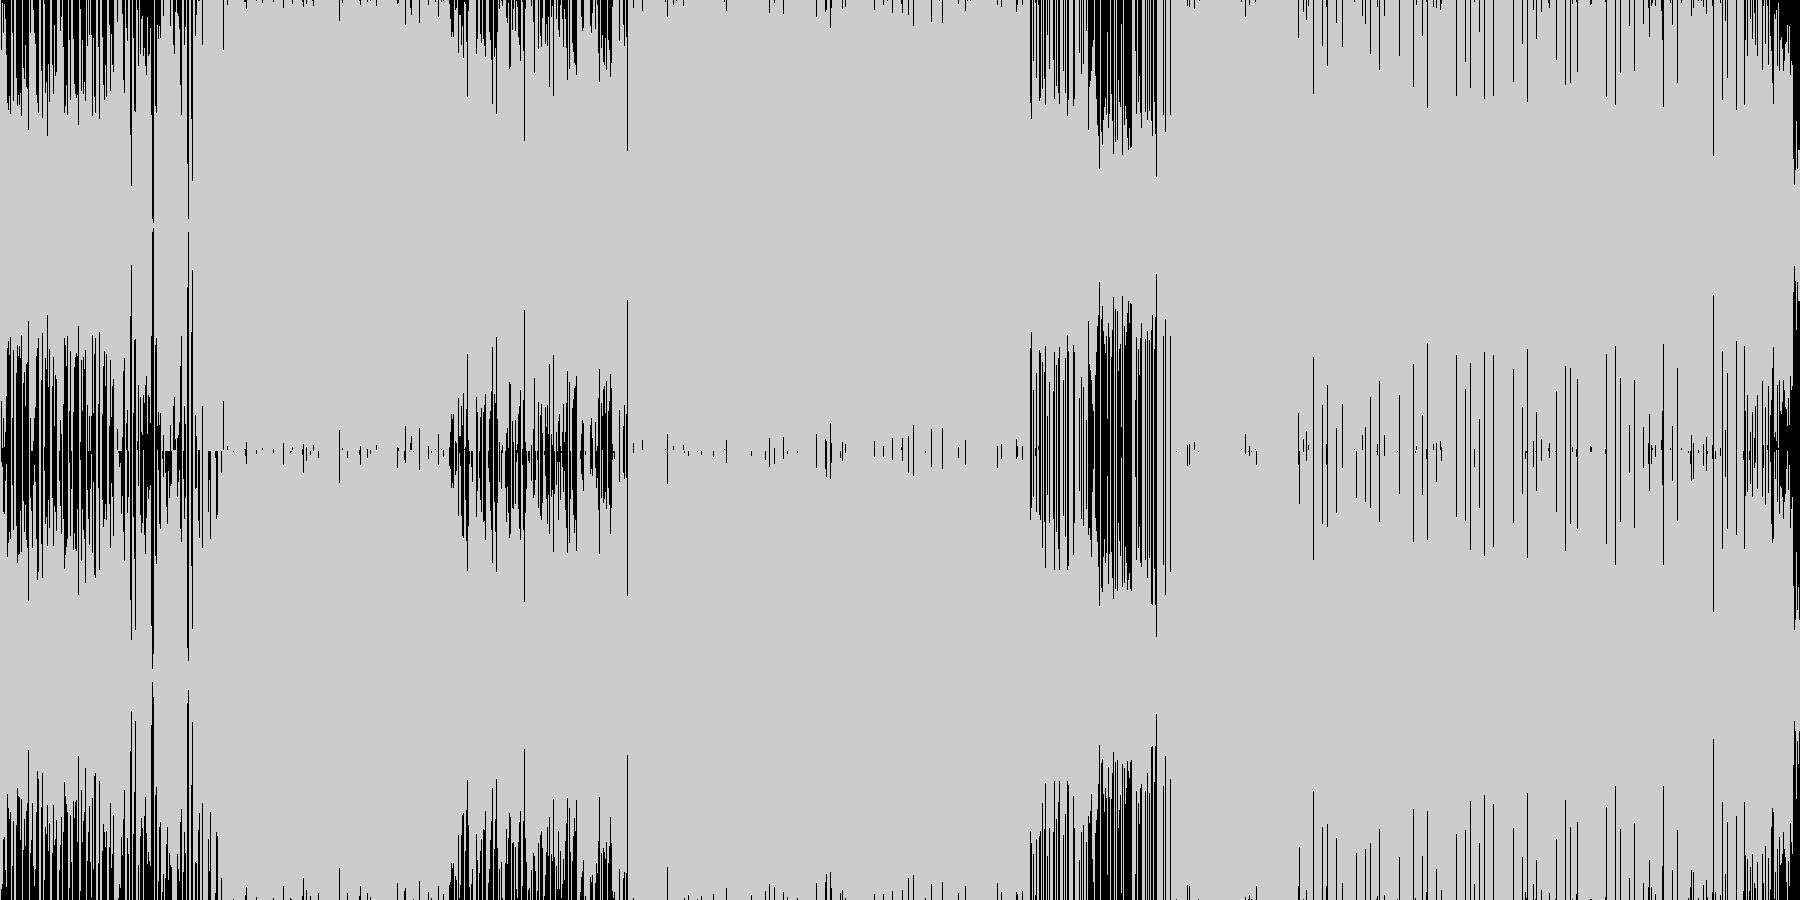 アクションを誘発する扇情的なメタルの未再生の波形